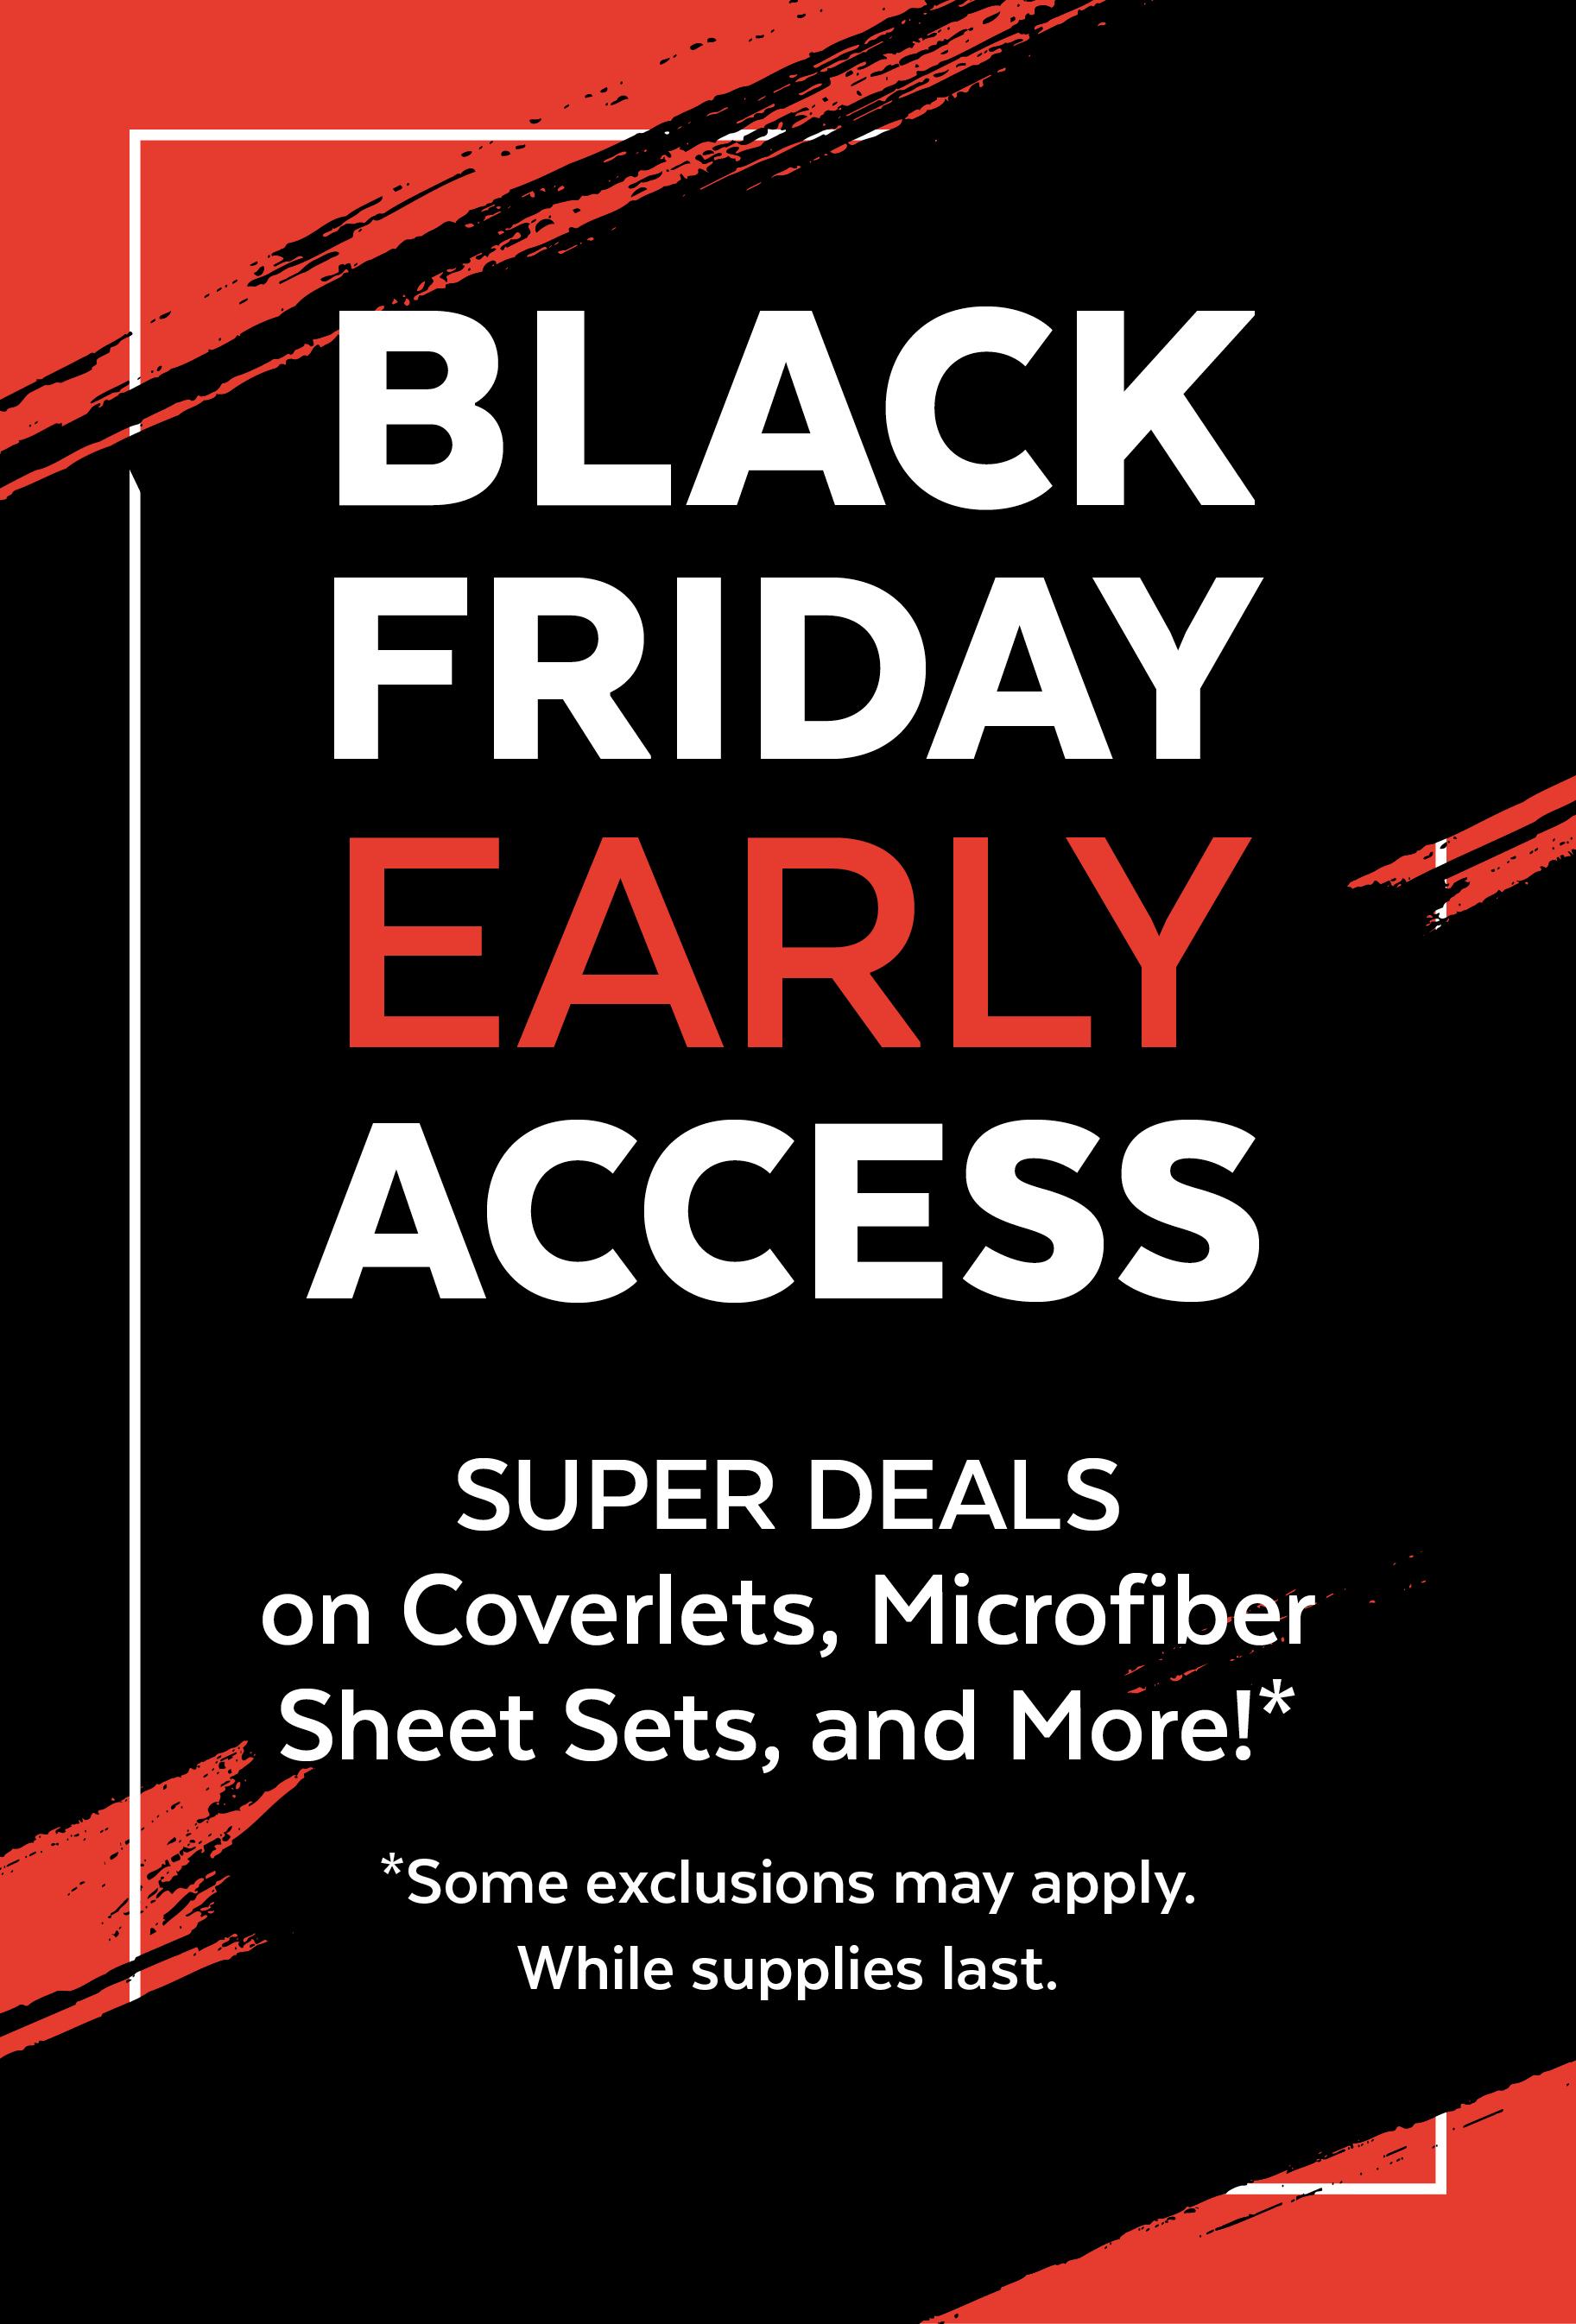 BF Super Deals